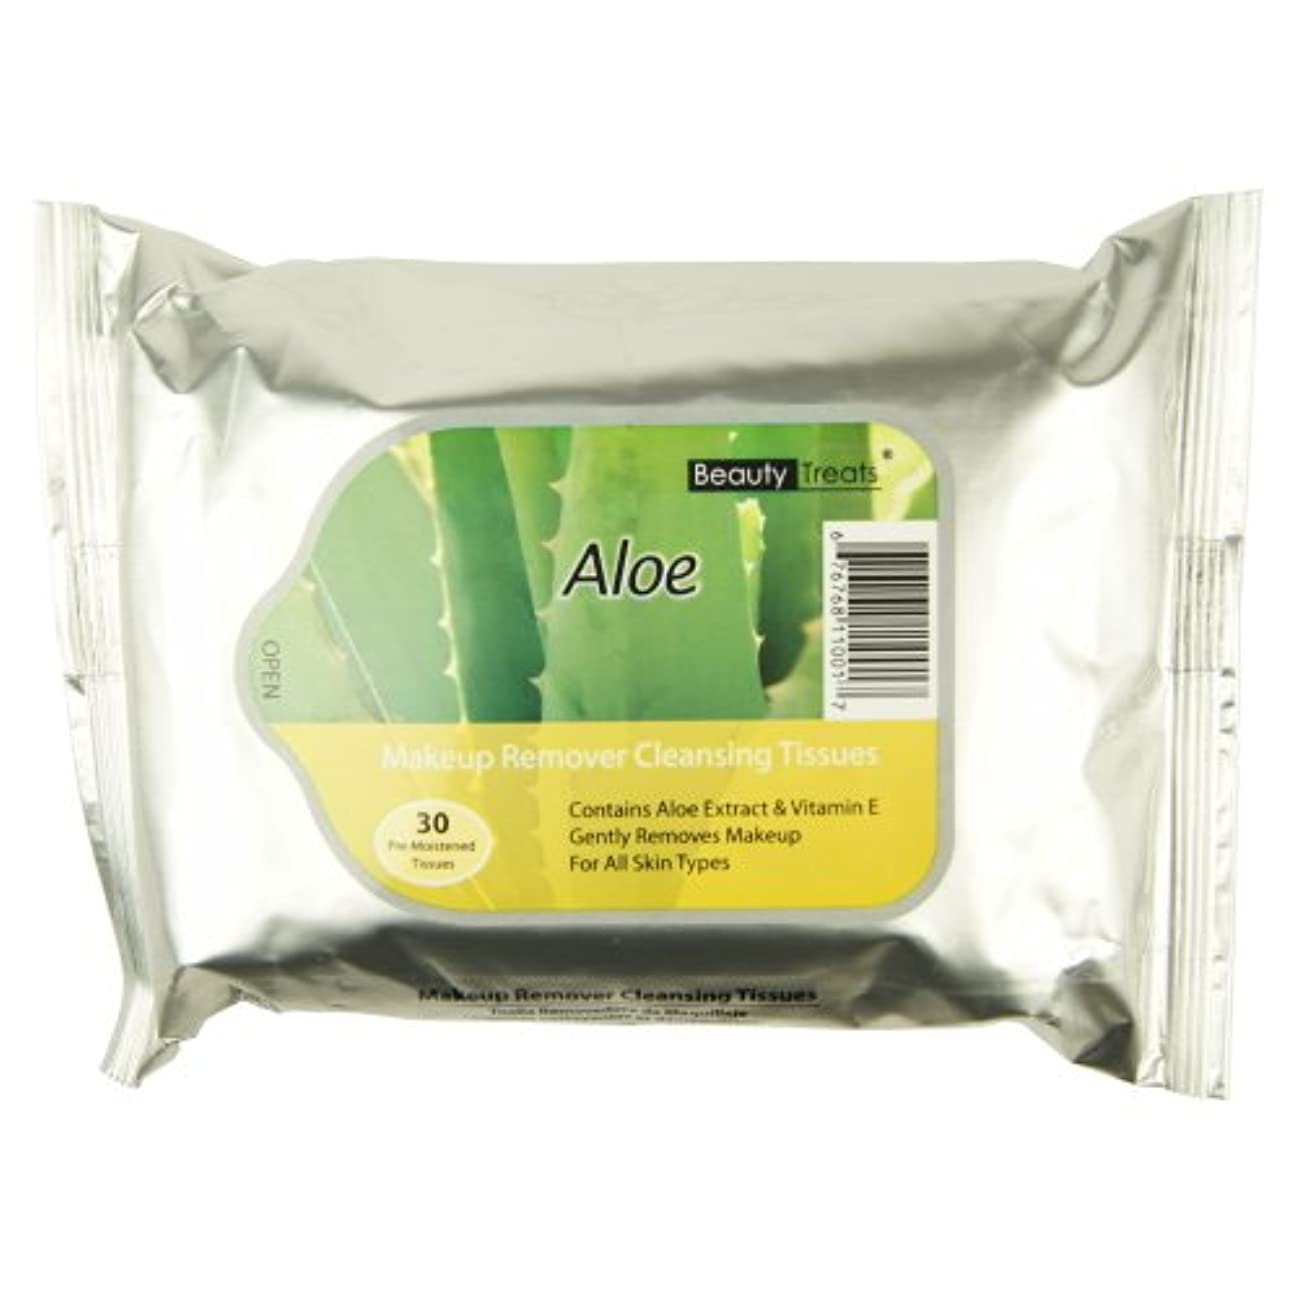 聡明発生器わずかなBEAUTY TREATS Makeup Remover Cleansing Tissues - Aloe (並行輸入品)